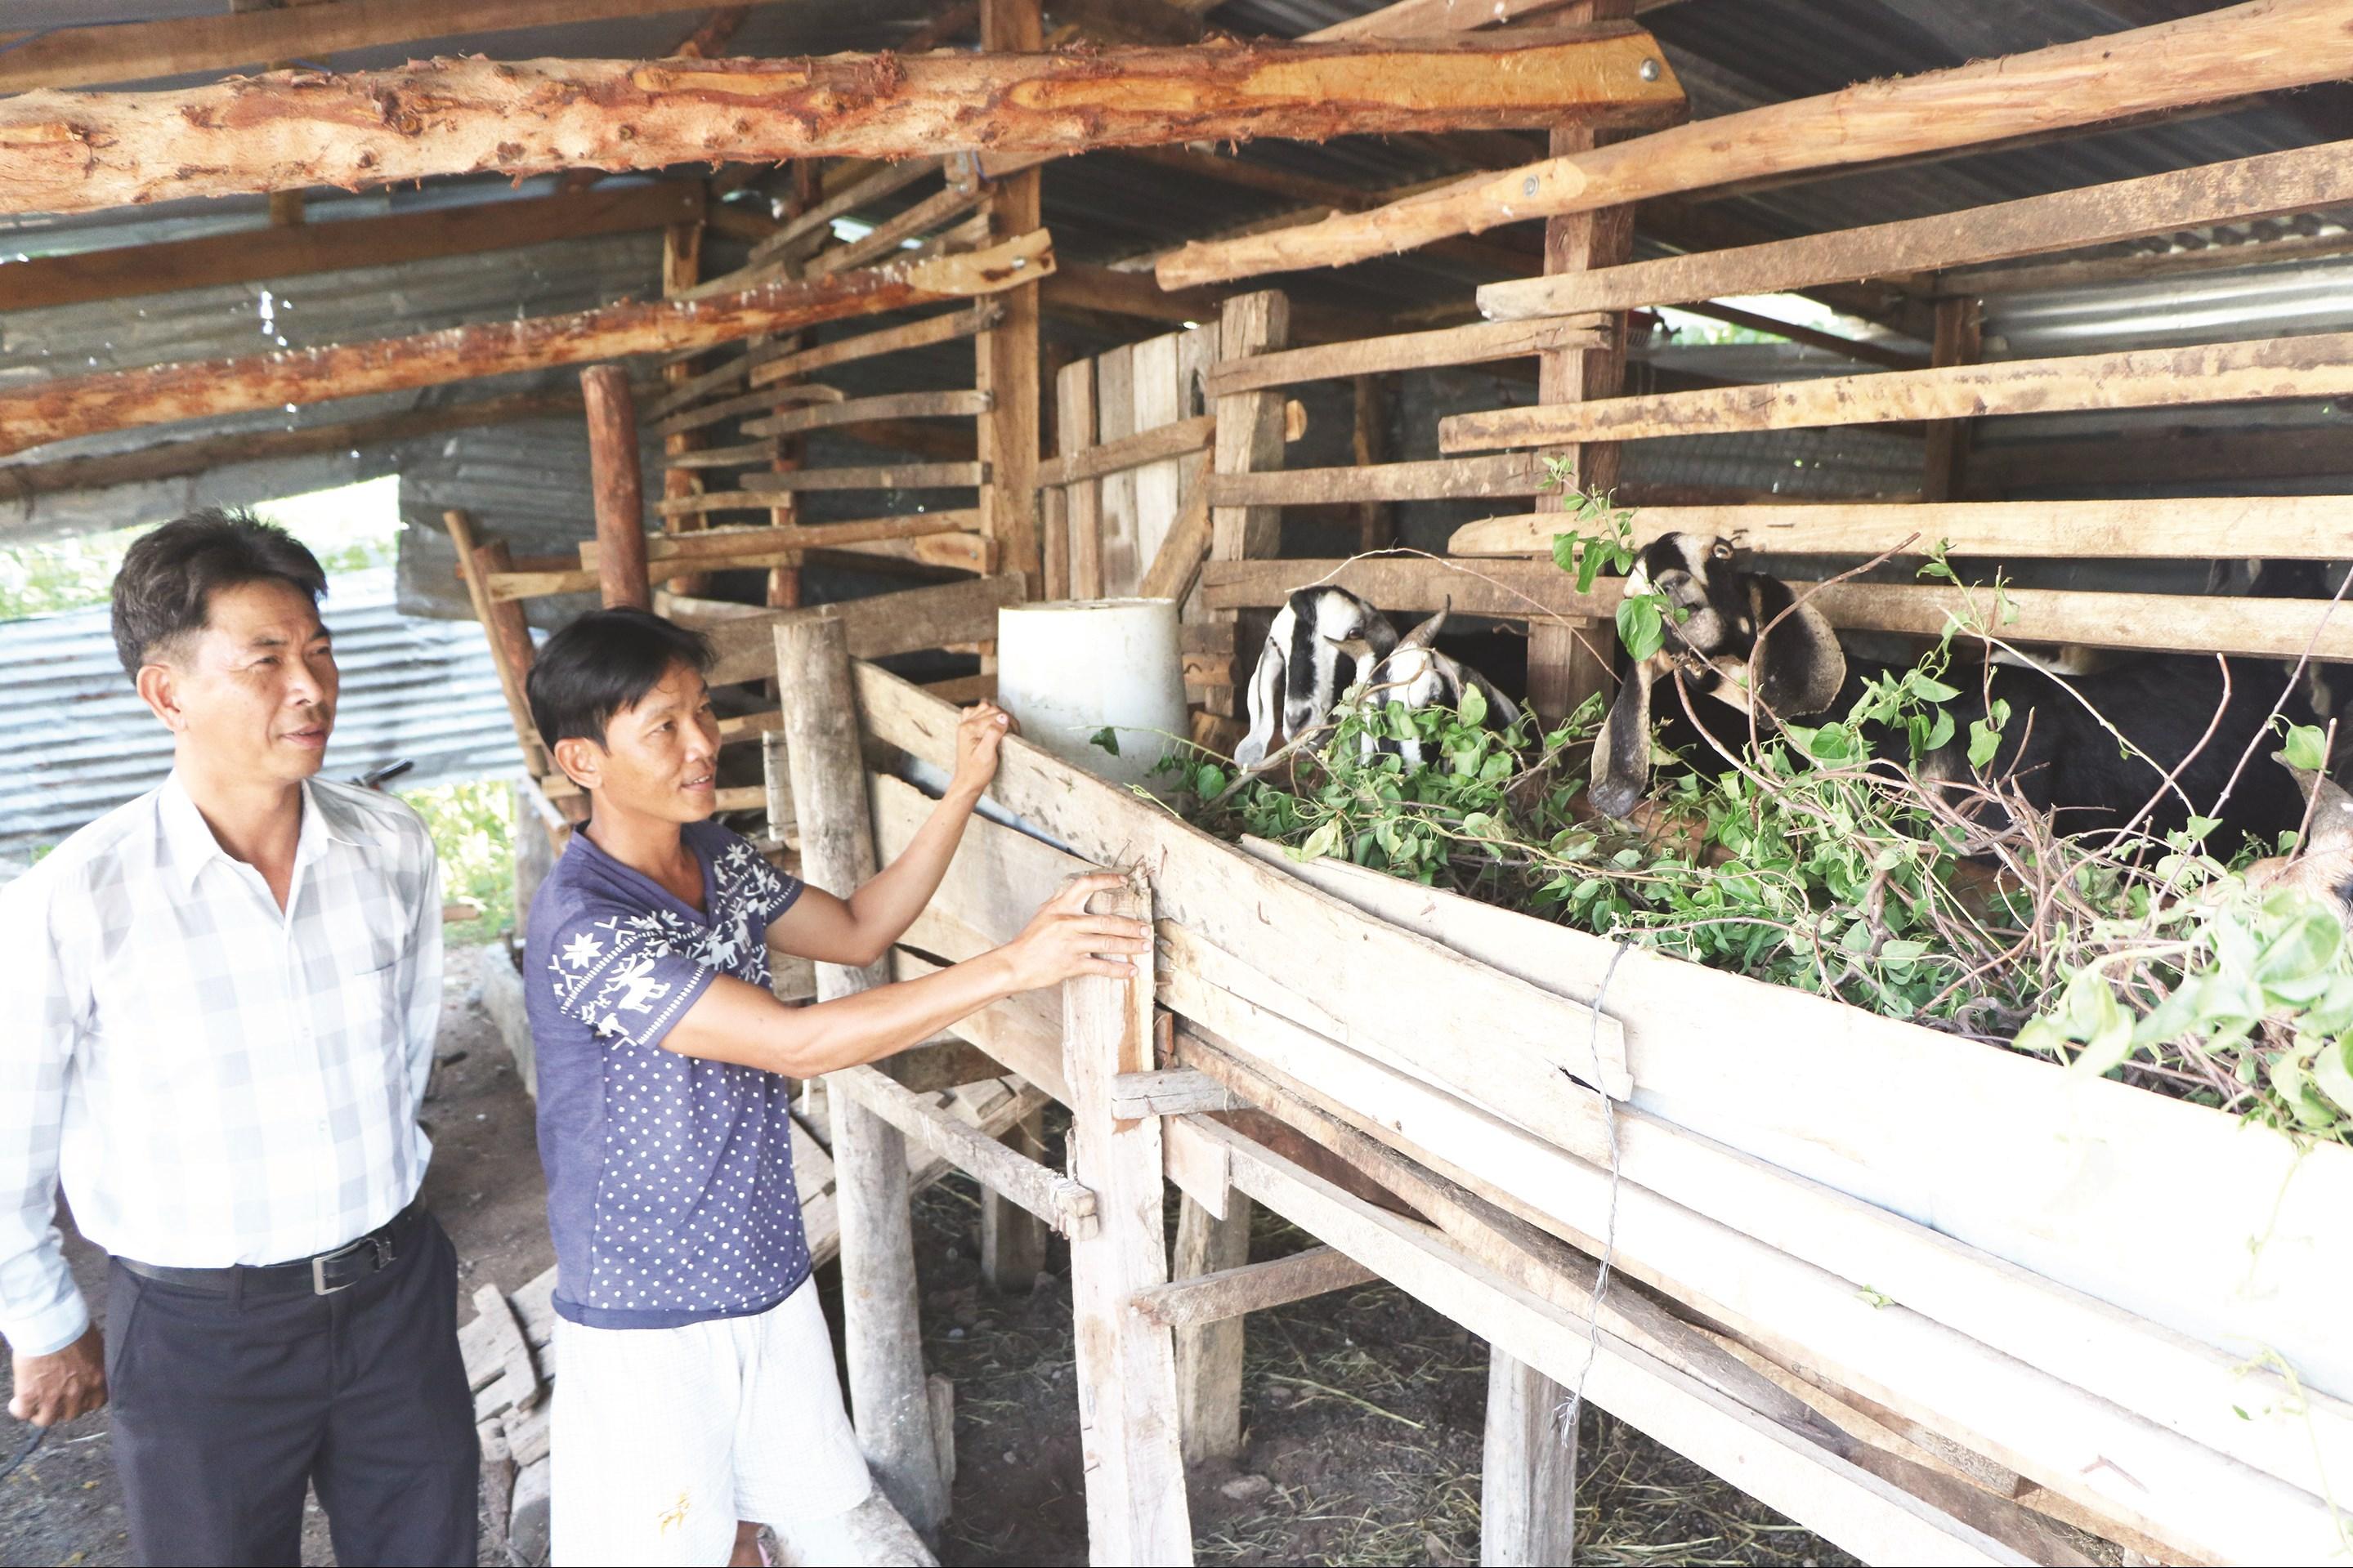 Mô hình nuôi dê sinh sản đã giúp các hộ dân phát triển kinh tế.